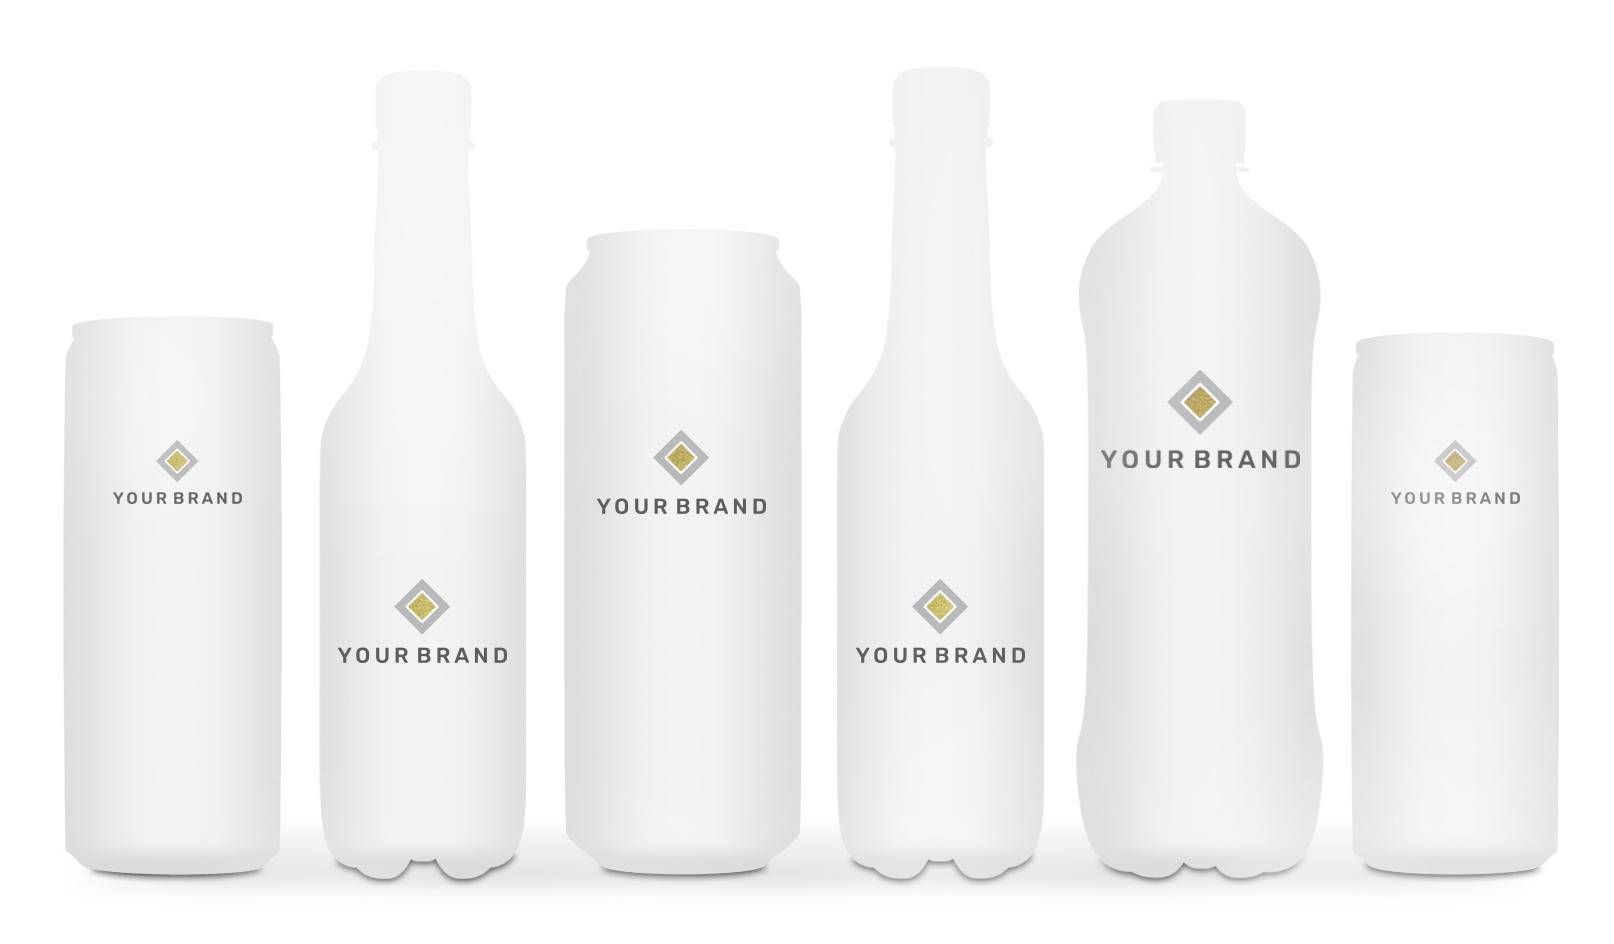 https://www.tsi.de/app/uploads/2019/07/TSI_Beverages_yourbrand.jpg